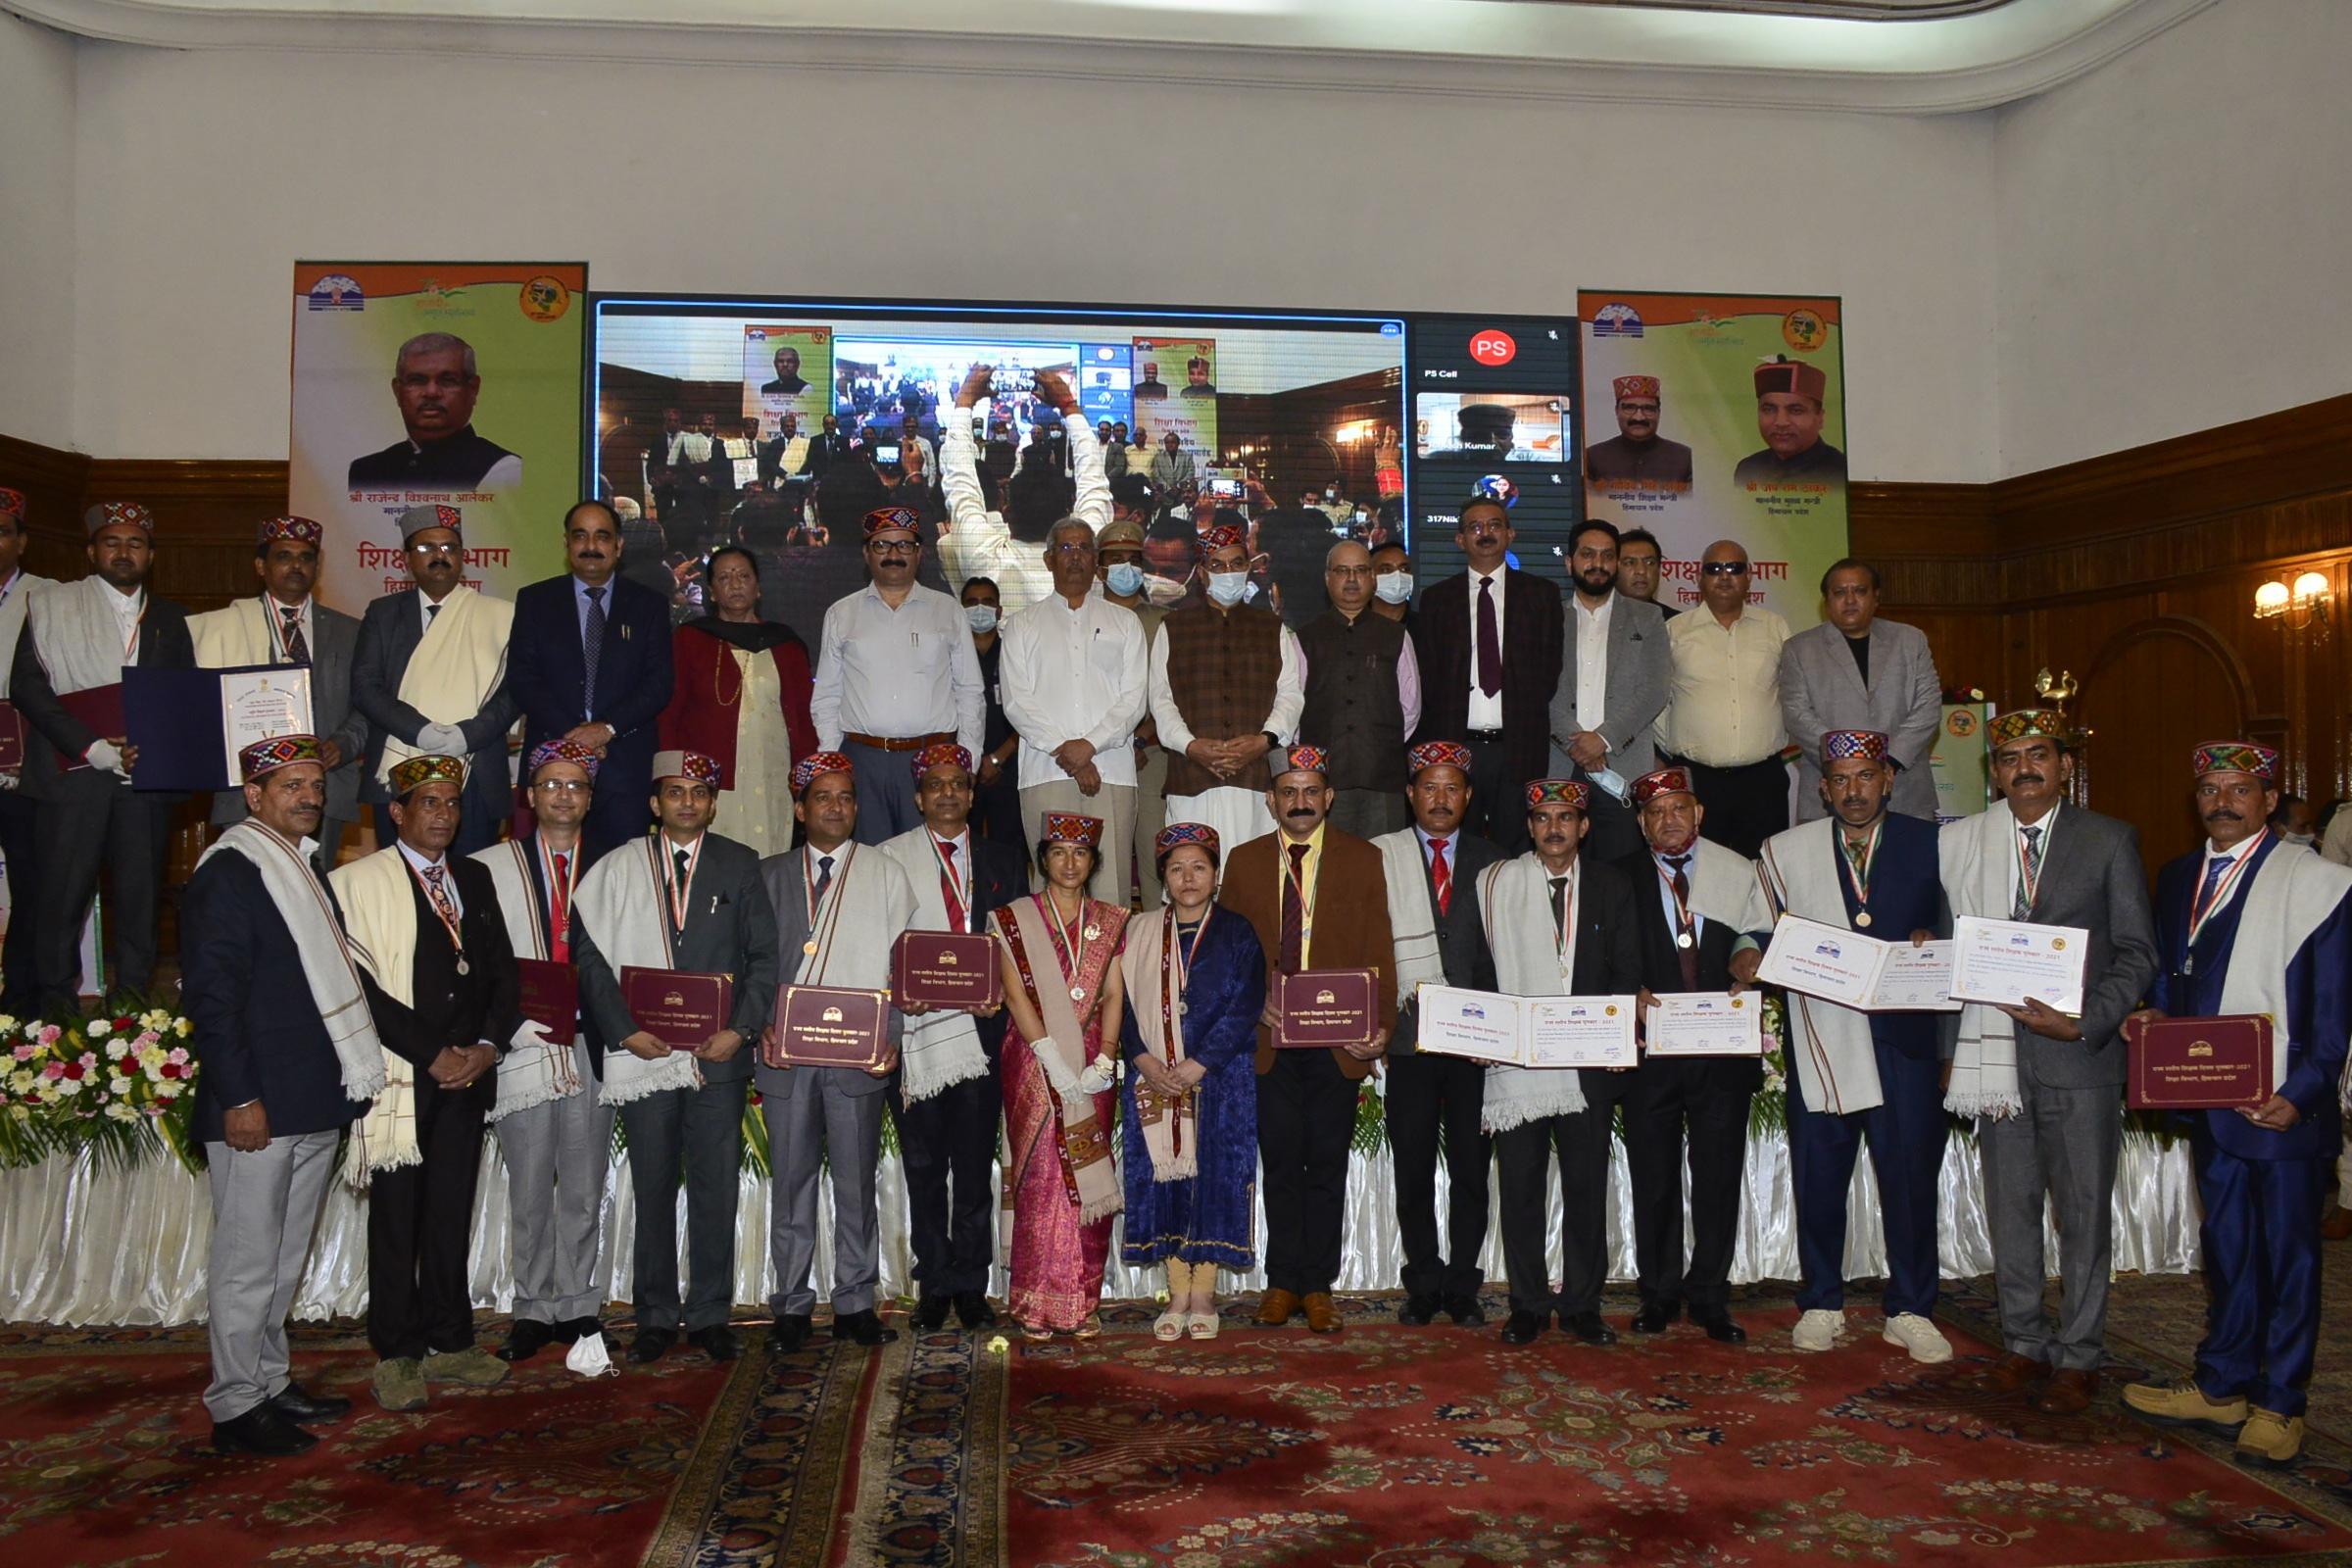 राज्यपाल आर्लेकर ने शिक्षक दिवस पर किया हिमाचल के 18 शिक्षकों को सम्मानित